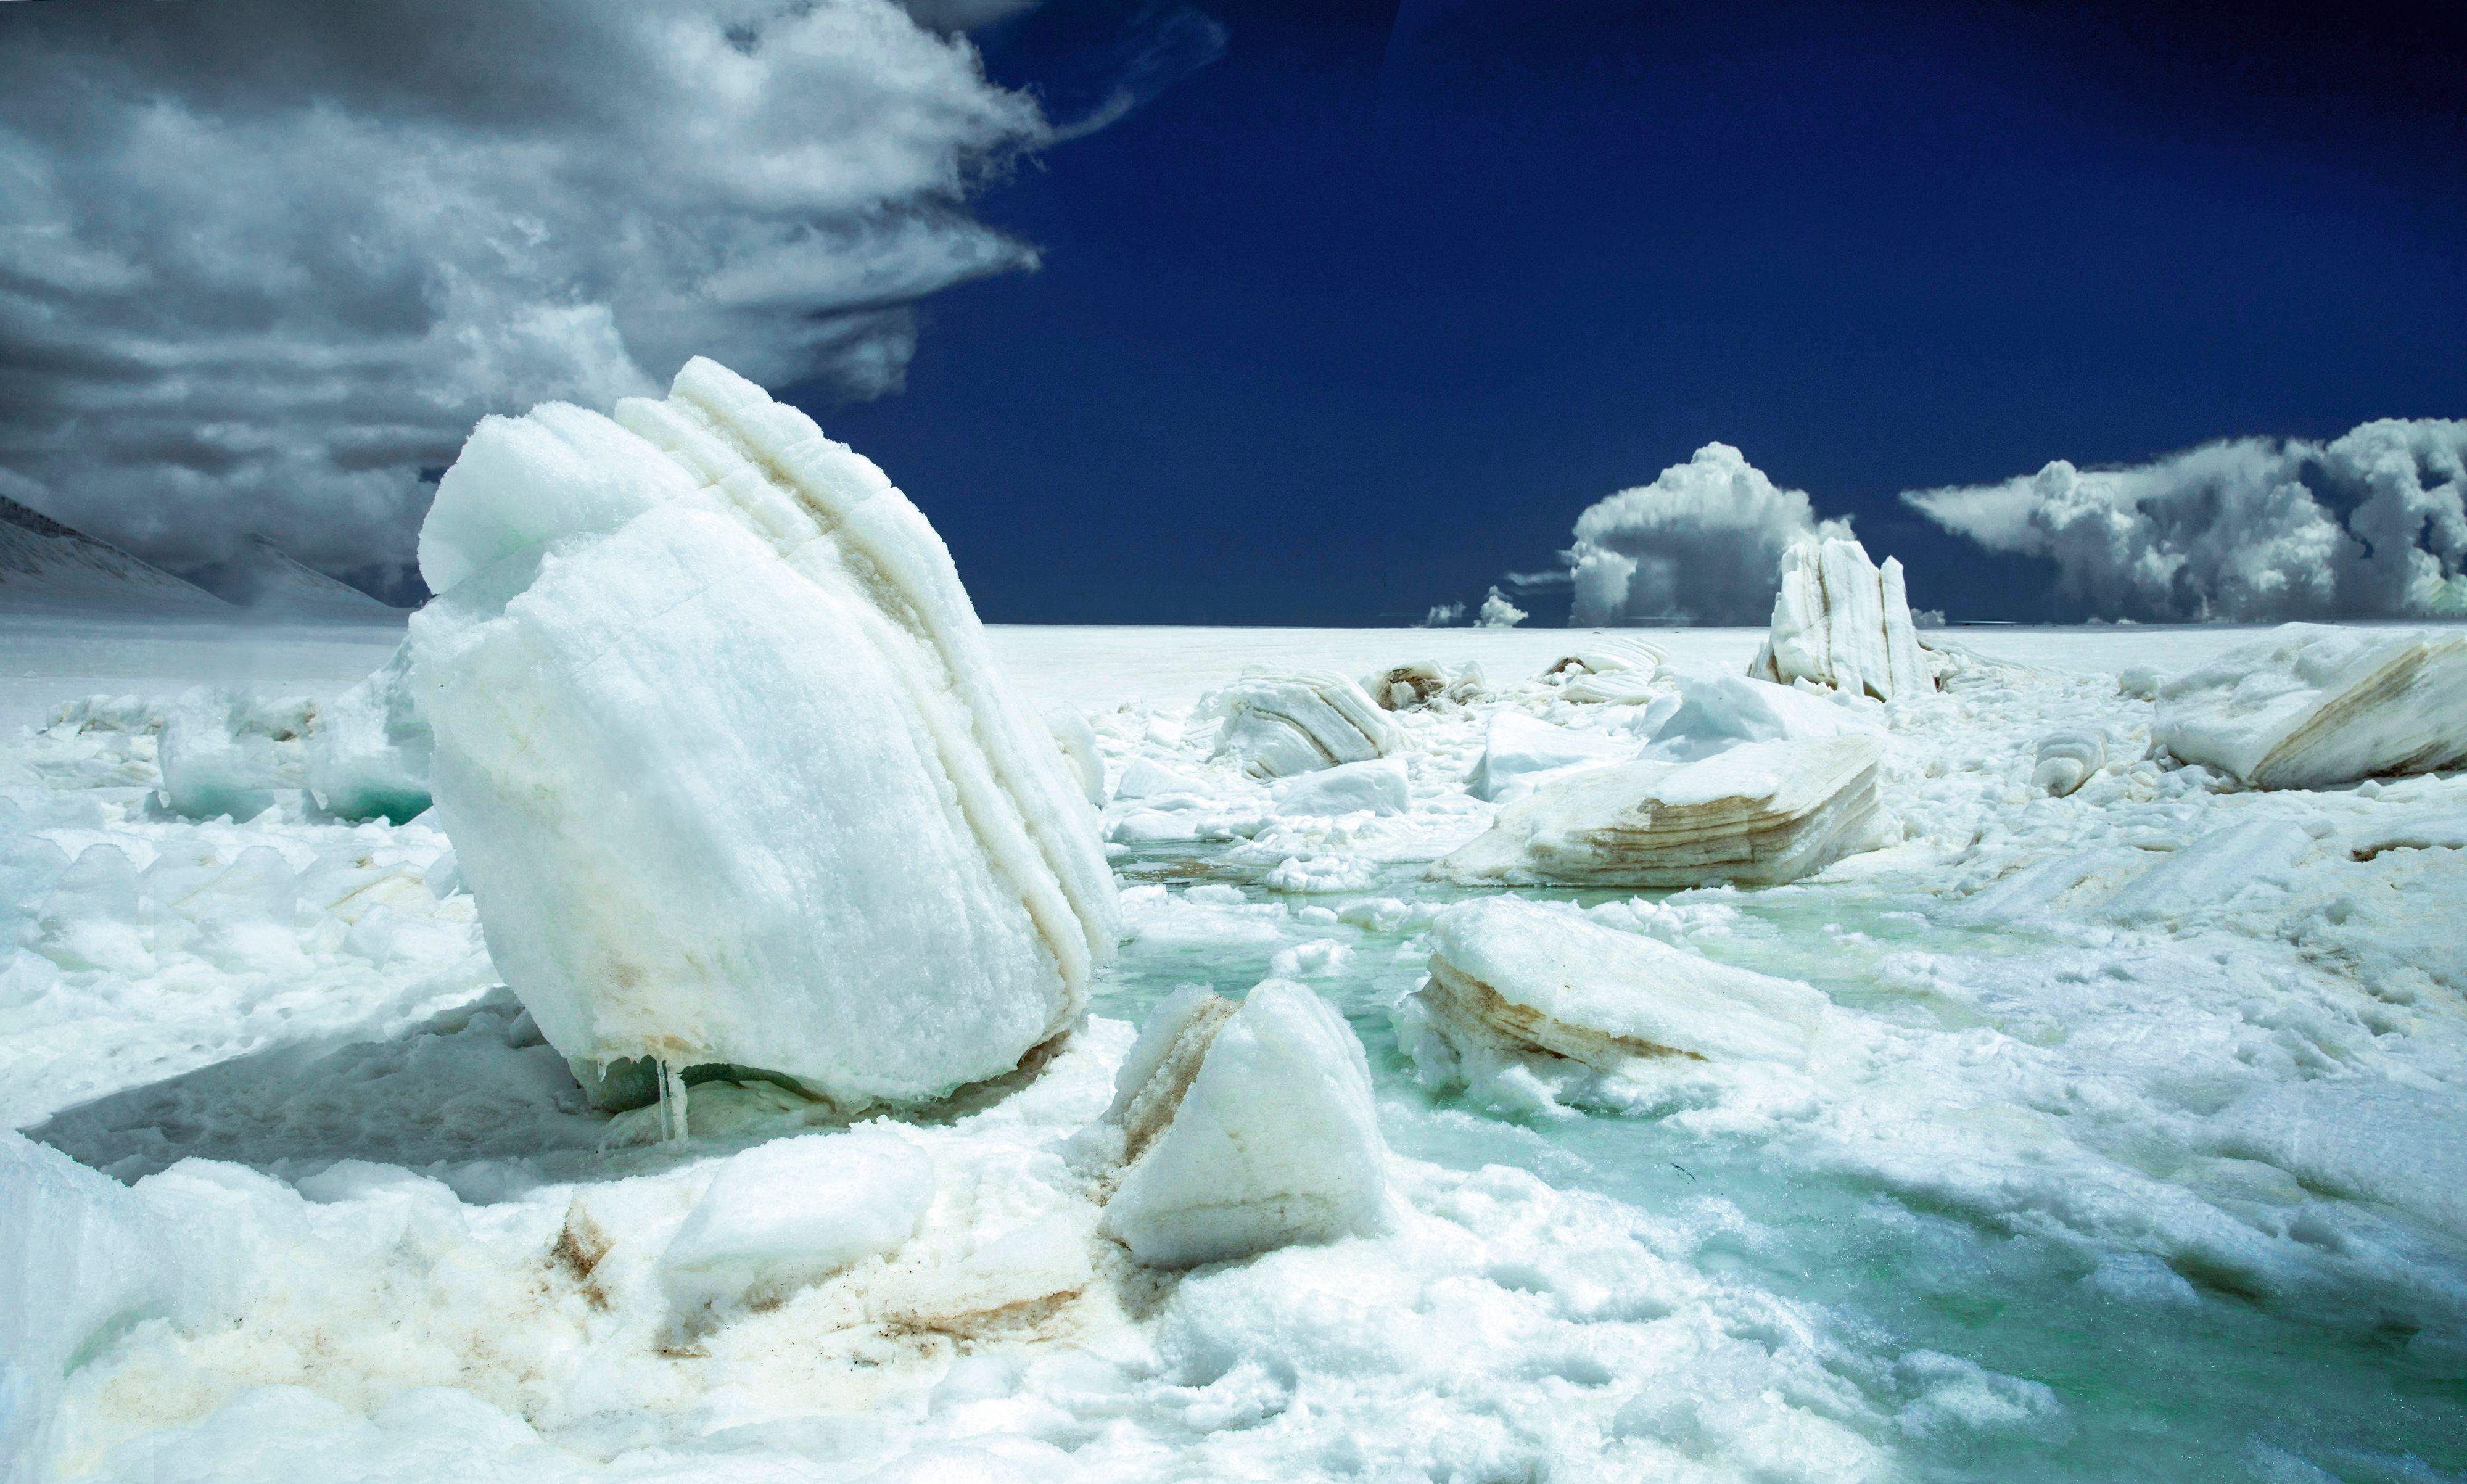 全球冰川湖面积不到30年增加51%,格陵兰岛冰盖融化程度达临界点-第1张图片-免单网